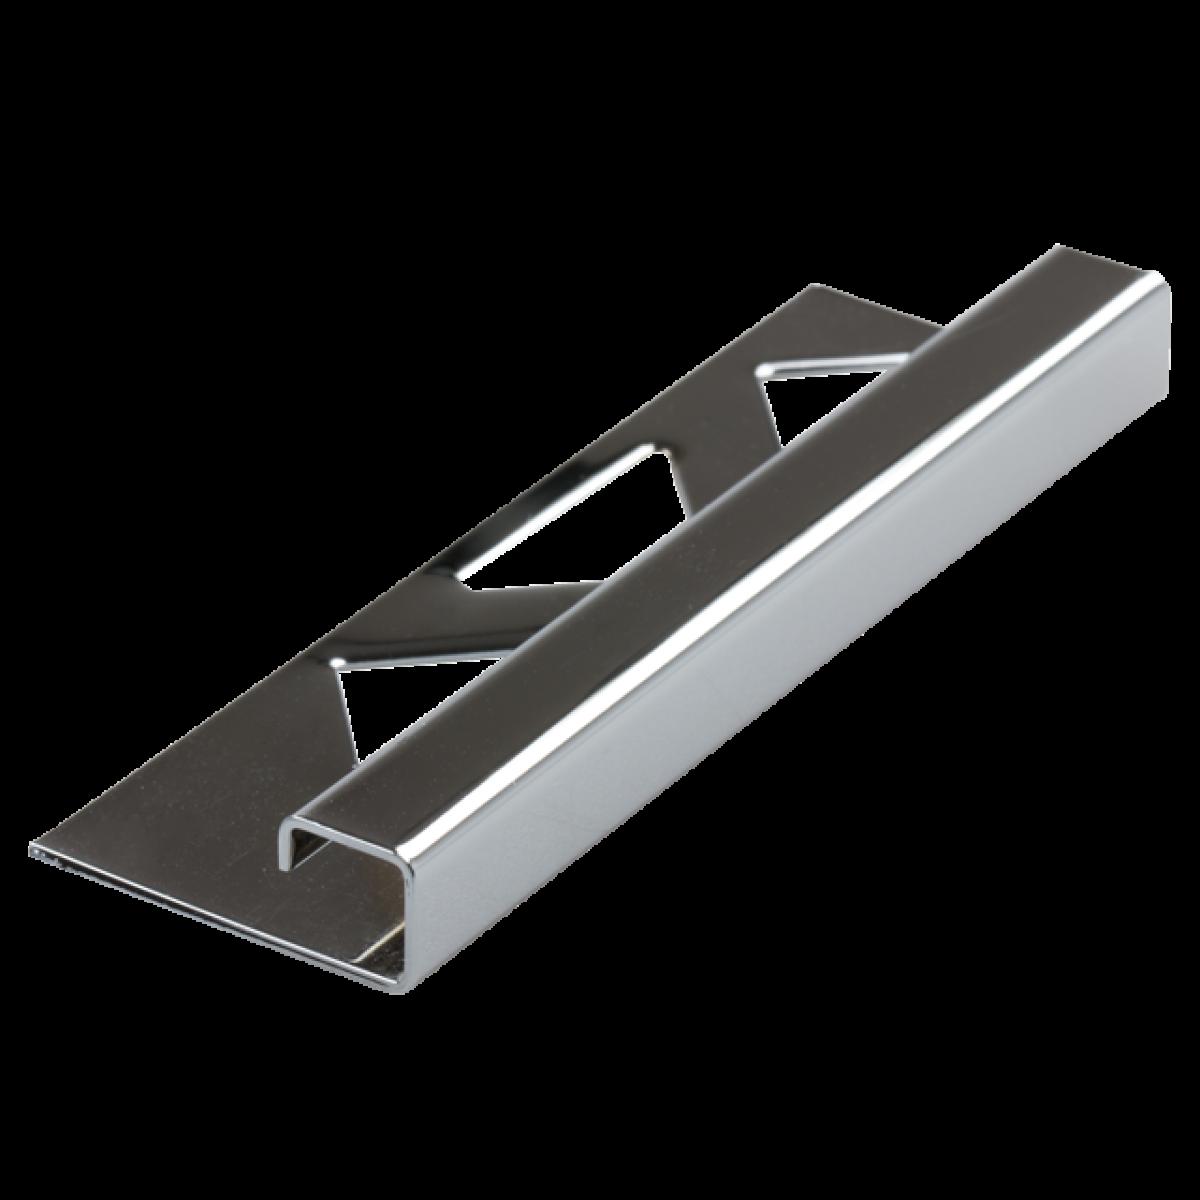 Edelstahl-Fliesenschiene FEQ-S/BC 100 à 2,50 m verchromt - Quadratisch